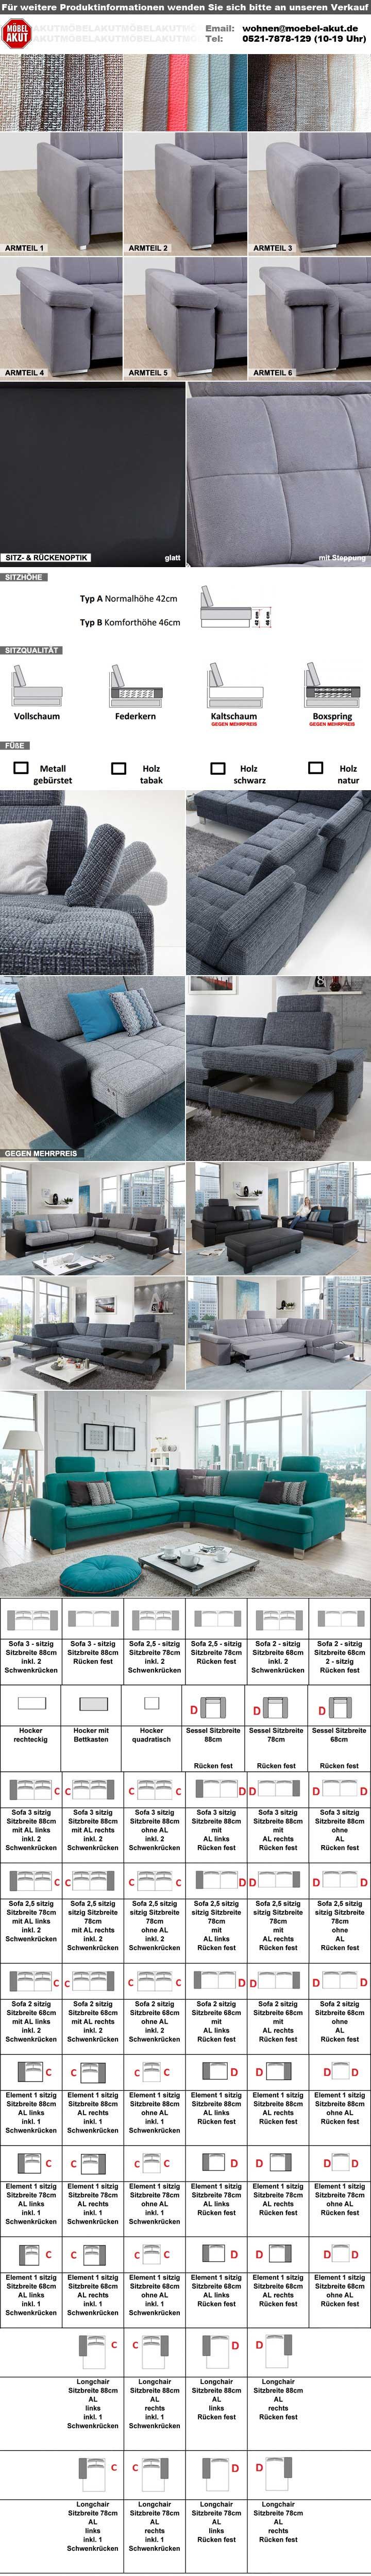 Sofa PUZZLE 2 Sitzer in Echtleder schwarz mit Federkern Breite 208 cm